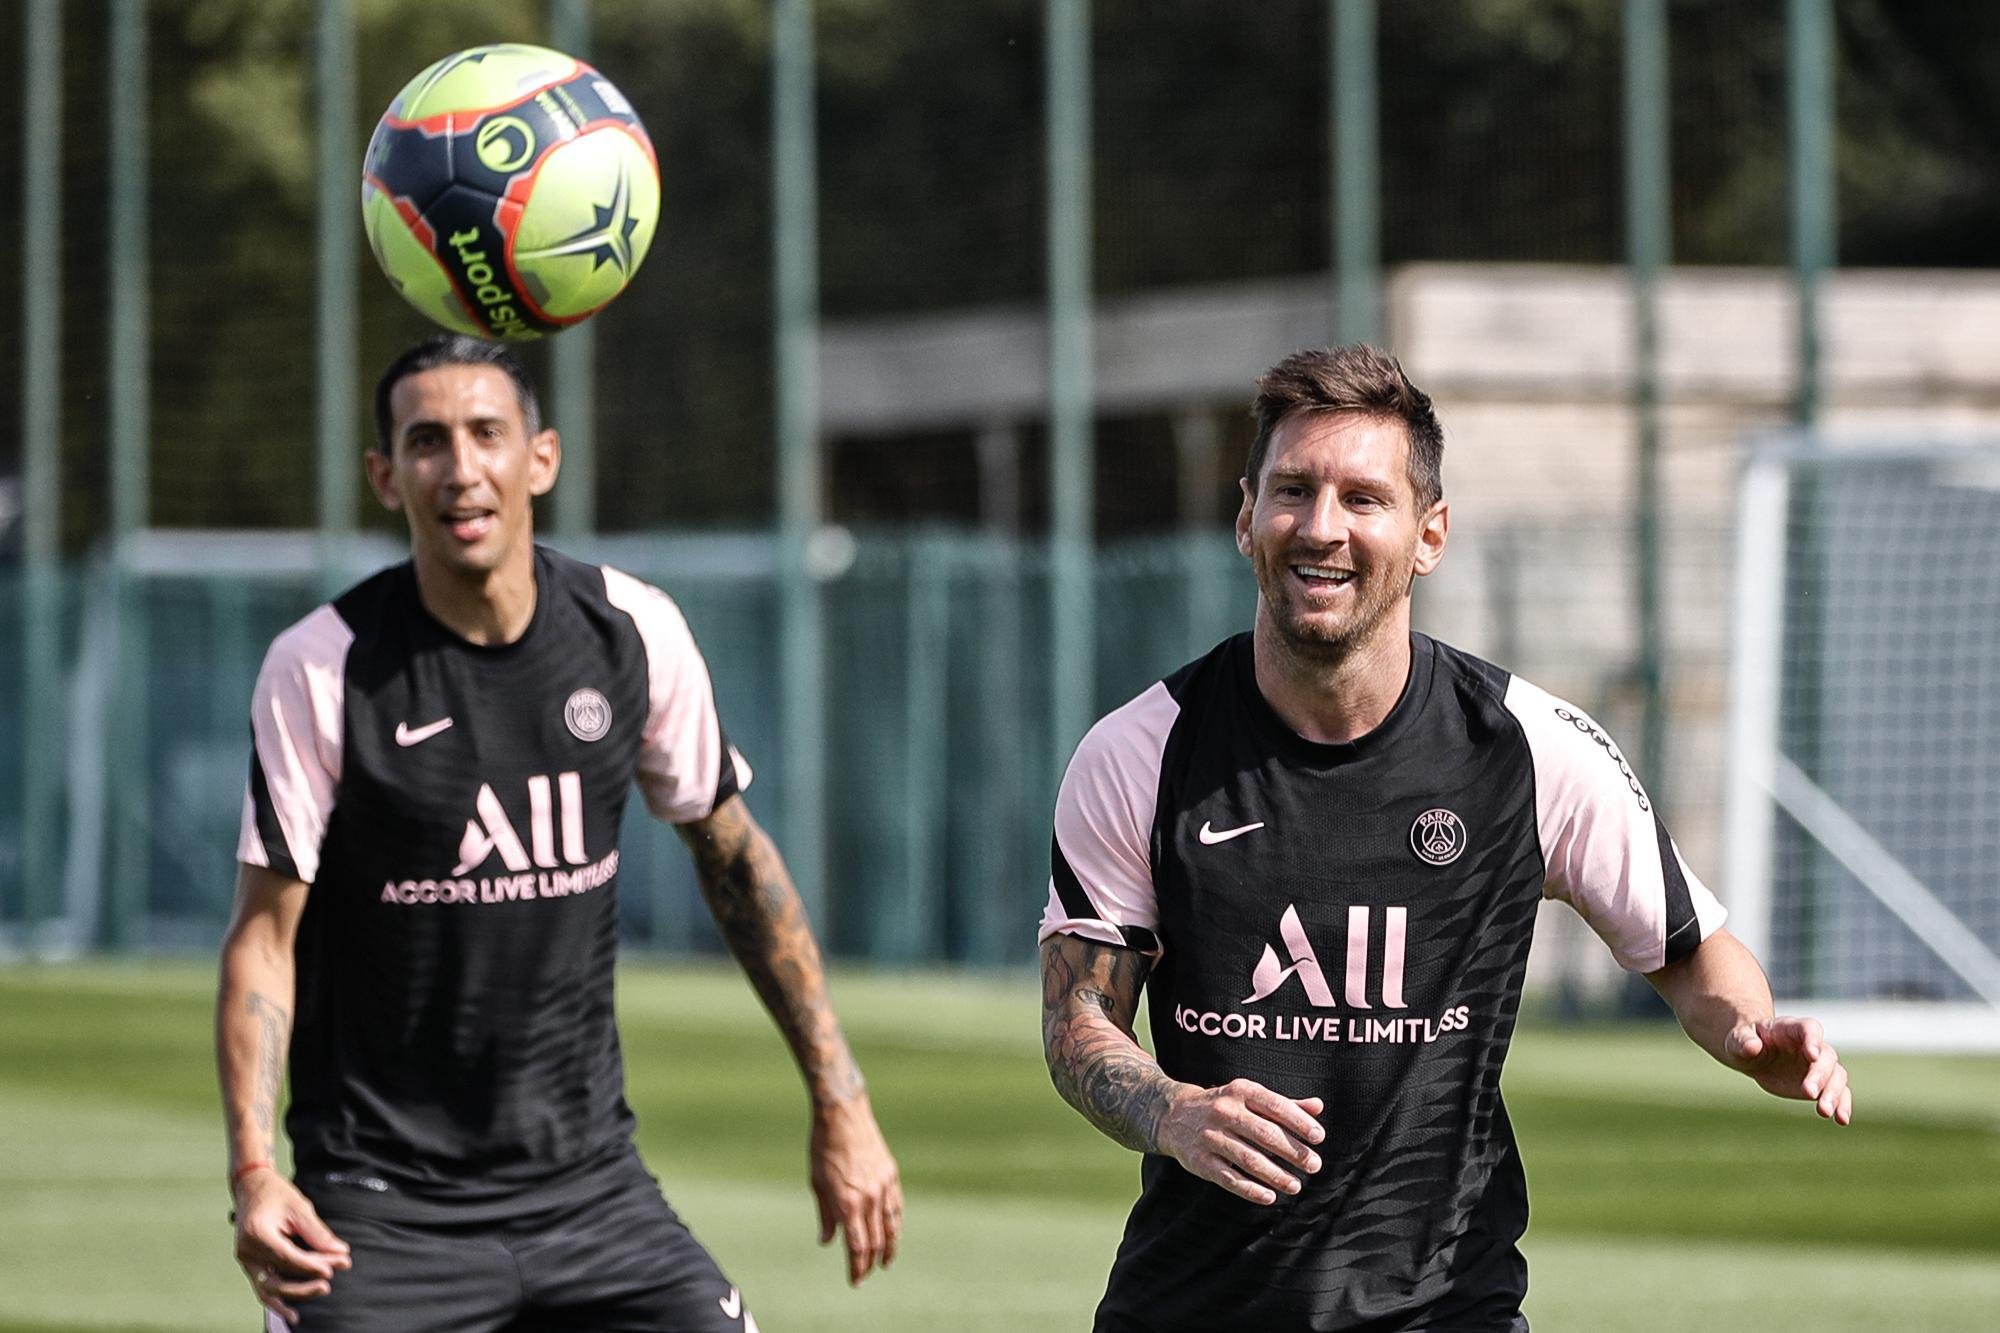 Lionel Messi PSG ile ilk antrenmanına çıktı! İşte görüntüler